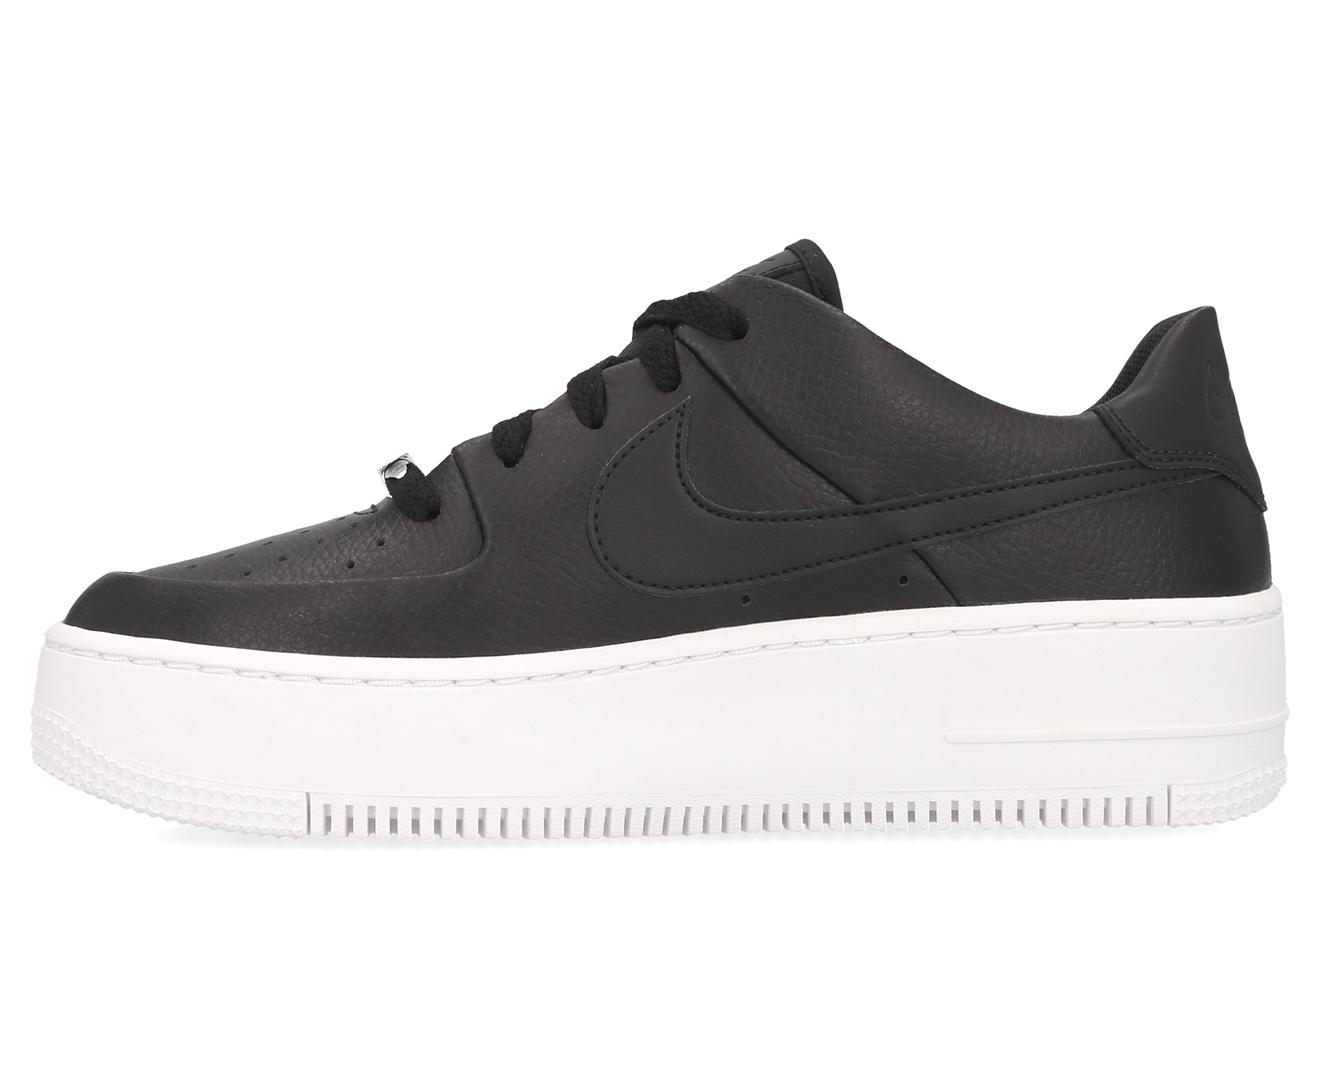 Air Force 1 Sage Low Sneakers - Black